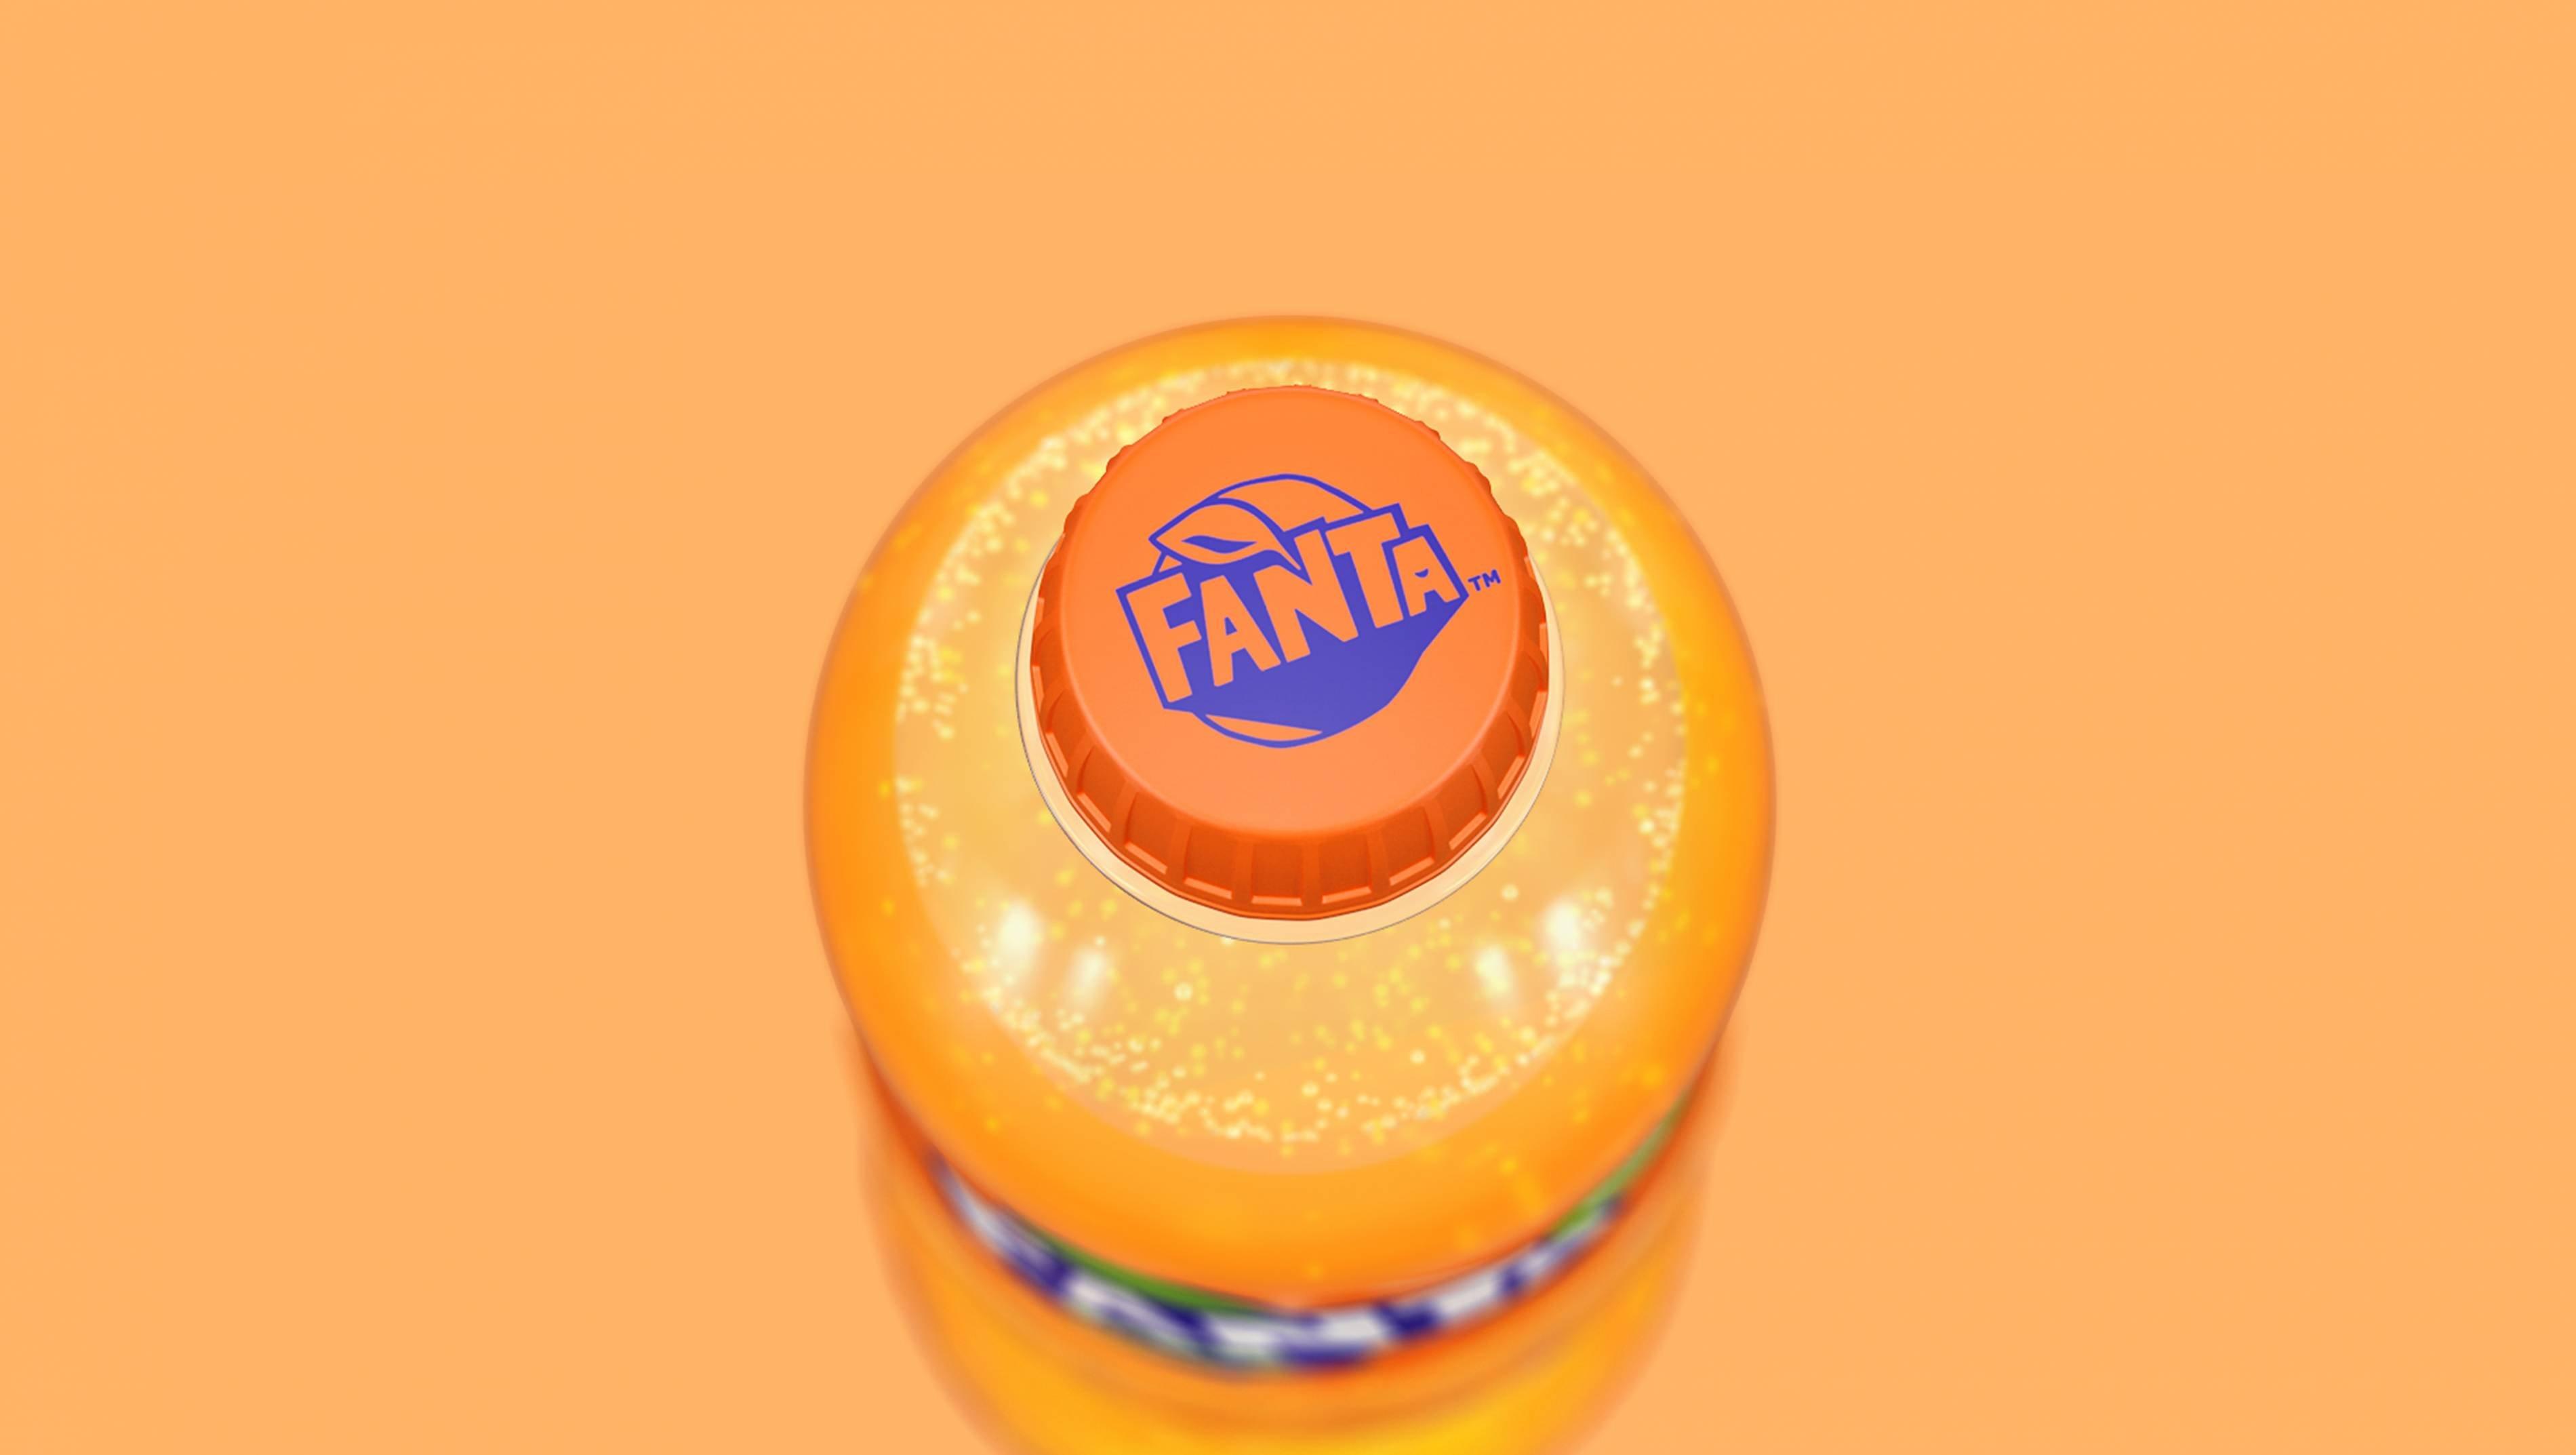 芬达logo在瓶盖效果